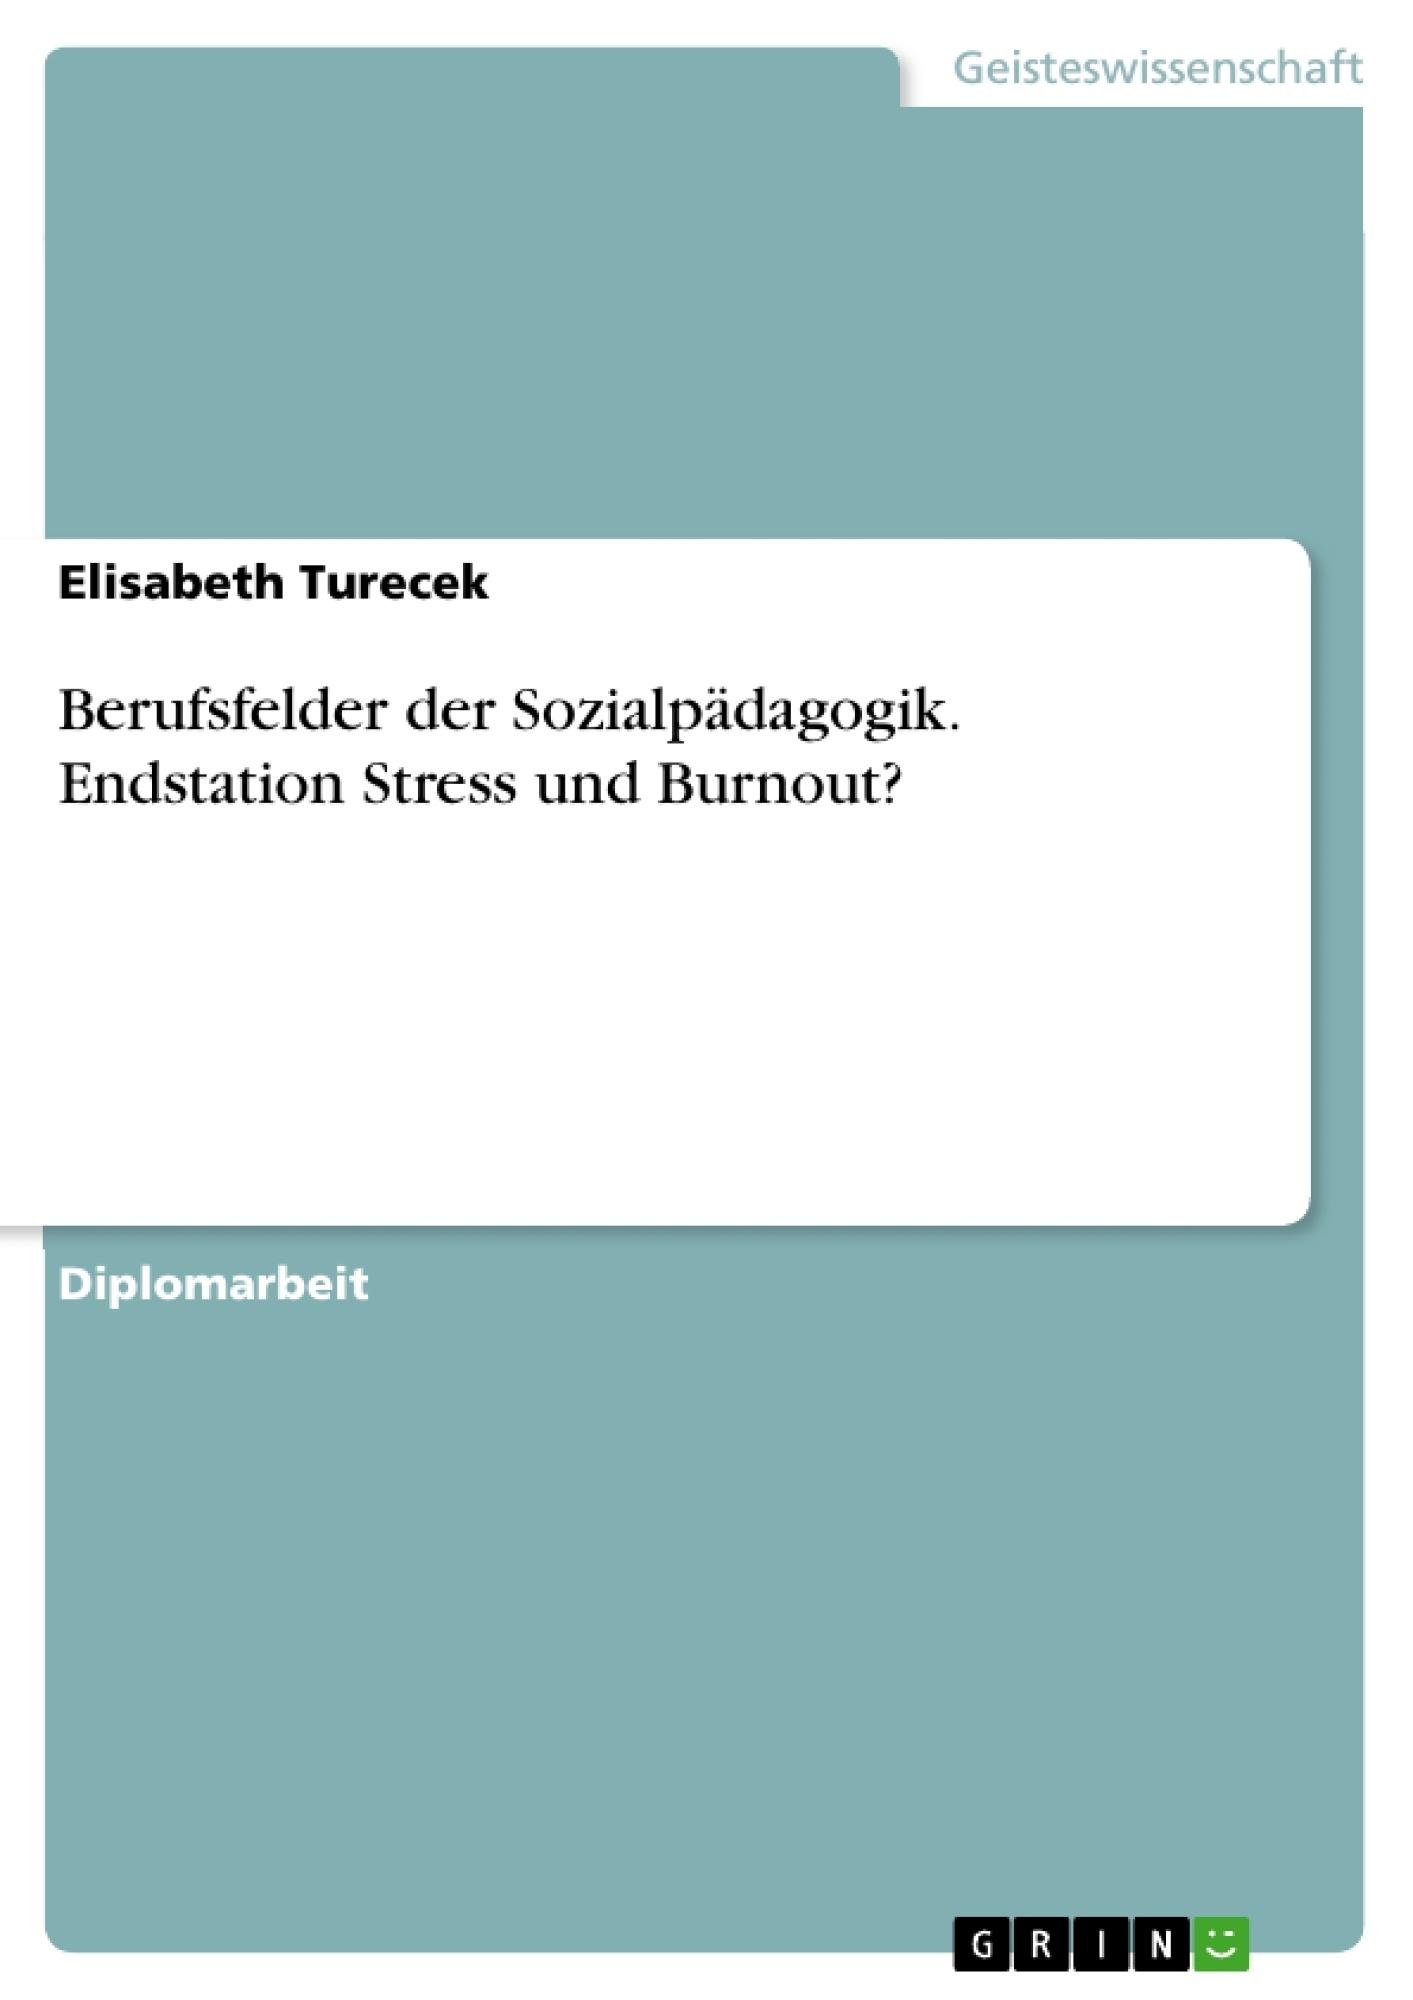 Titel: Berufsfelder der Sozialpädagogik. Endstation Stress und Burnout?